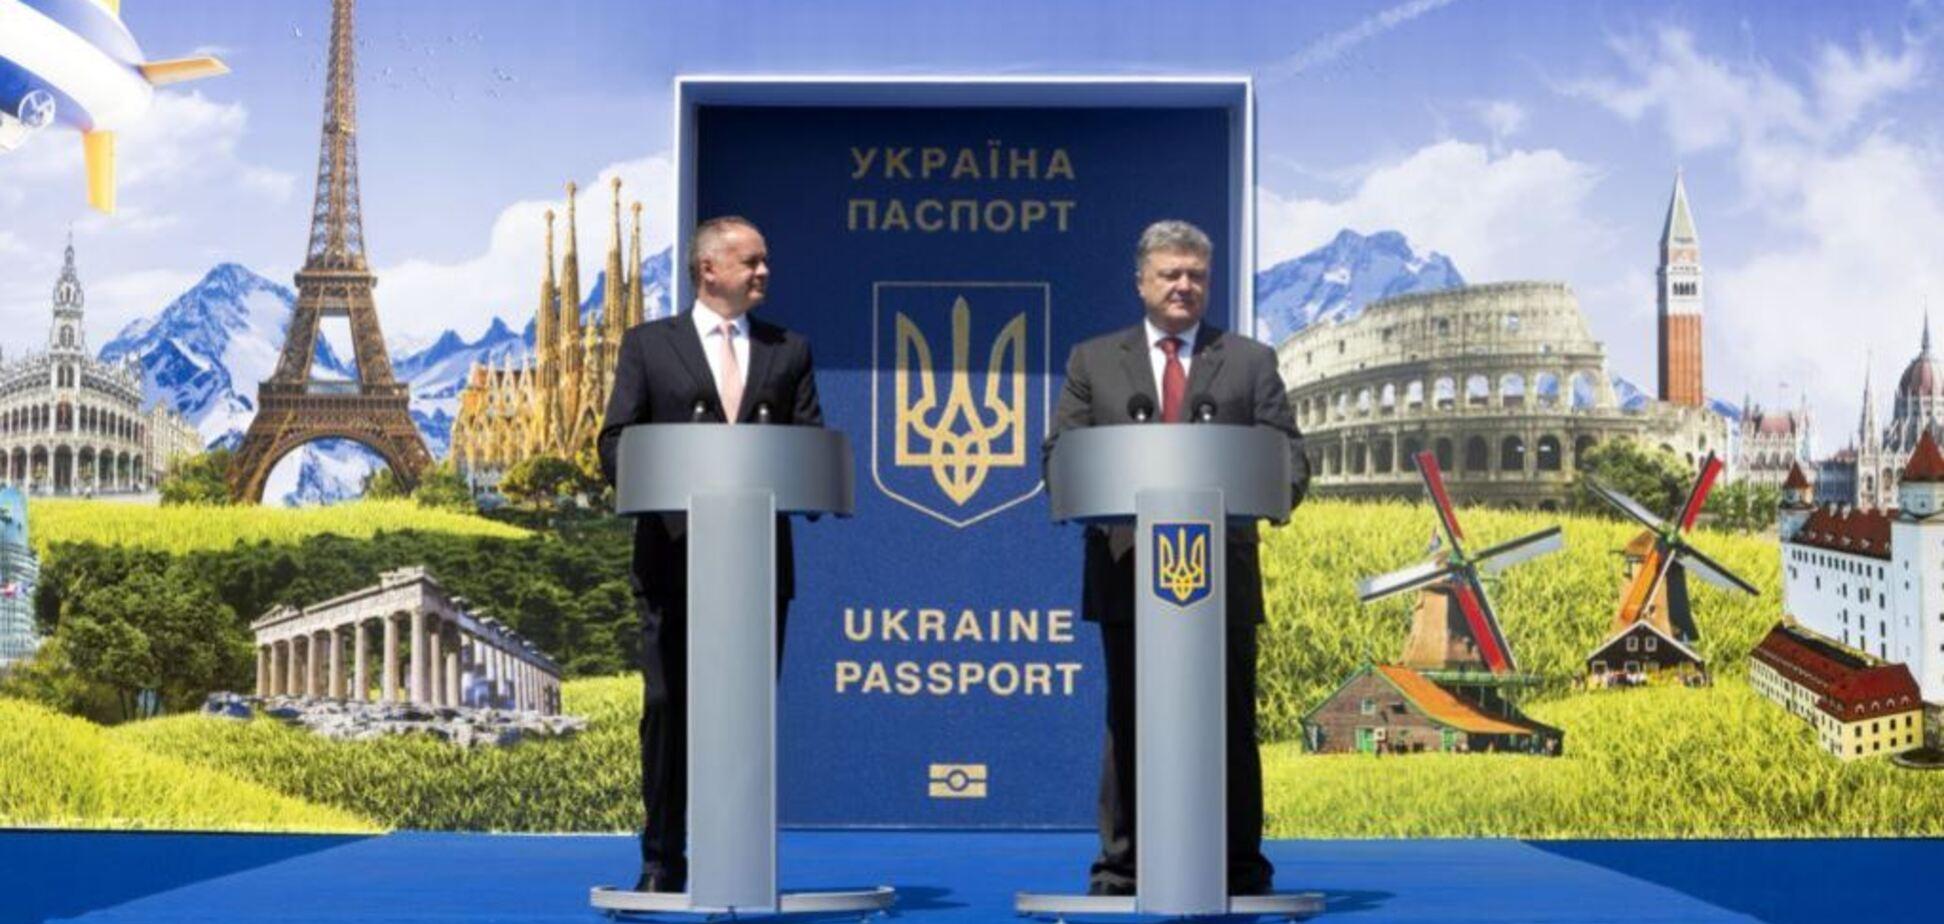 Порошенко заявив, що безвіз України опинився під загрозою: в чому справа